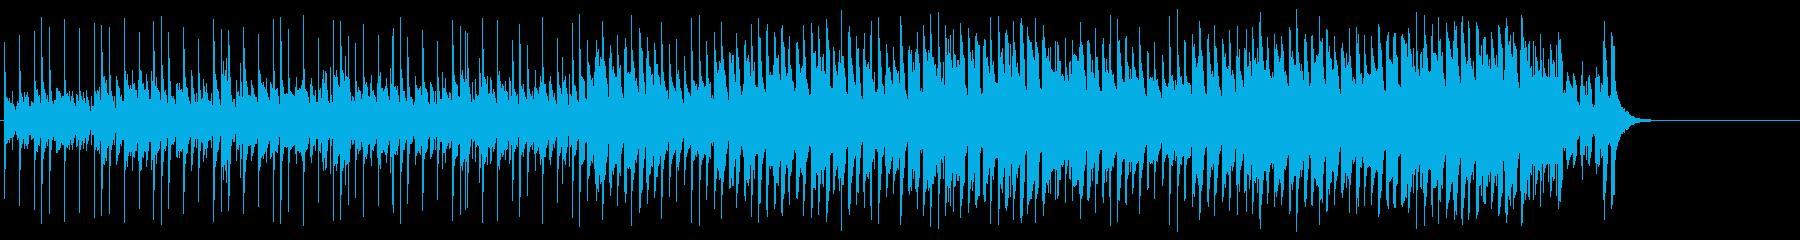 おどけた軽快なポップ(A~サビ~エンド)の再生済みの波形